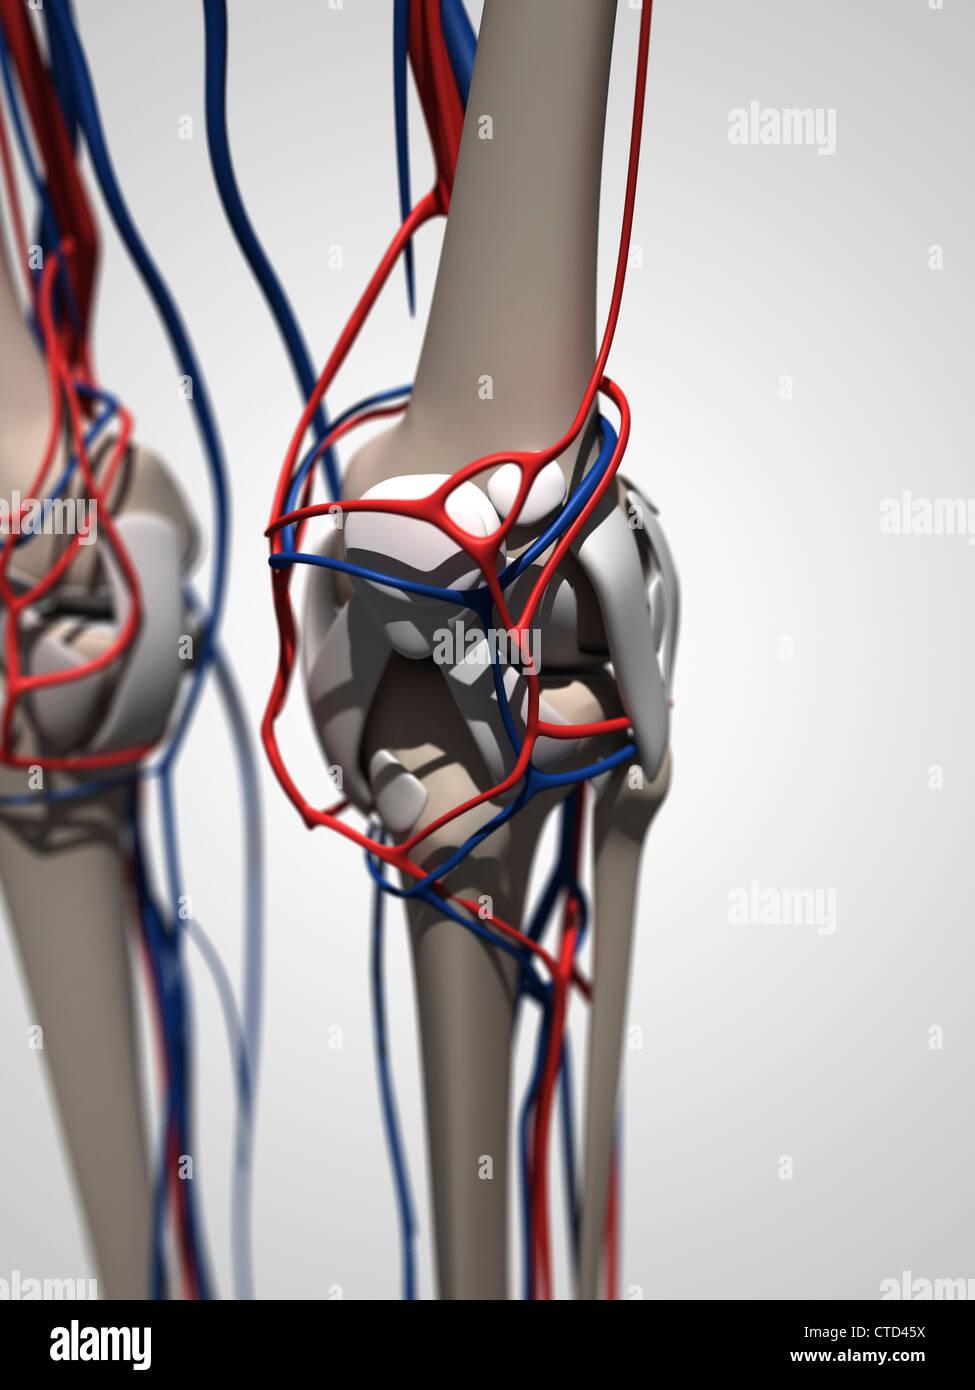 Menschliche Anatomie Kunstwerk Stockfoto, Bild: 49461158 - Alamy